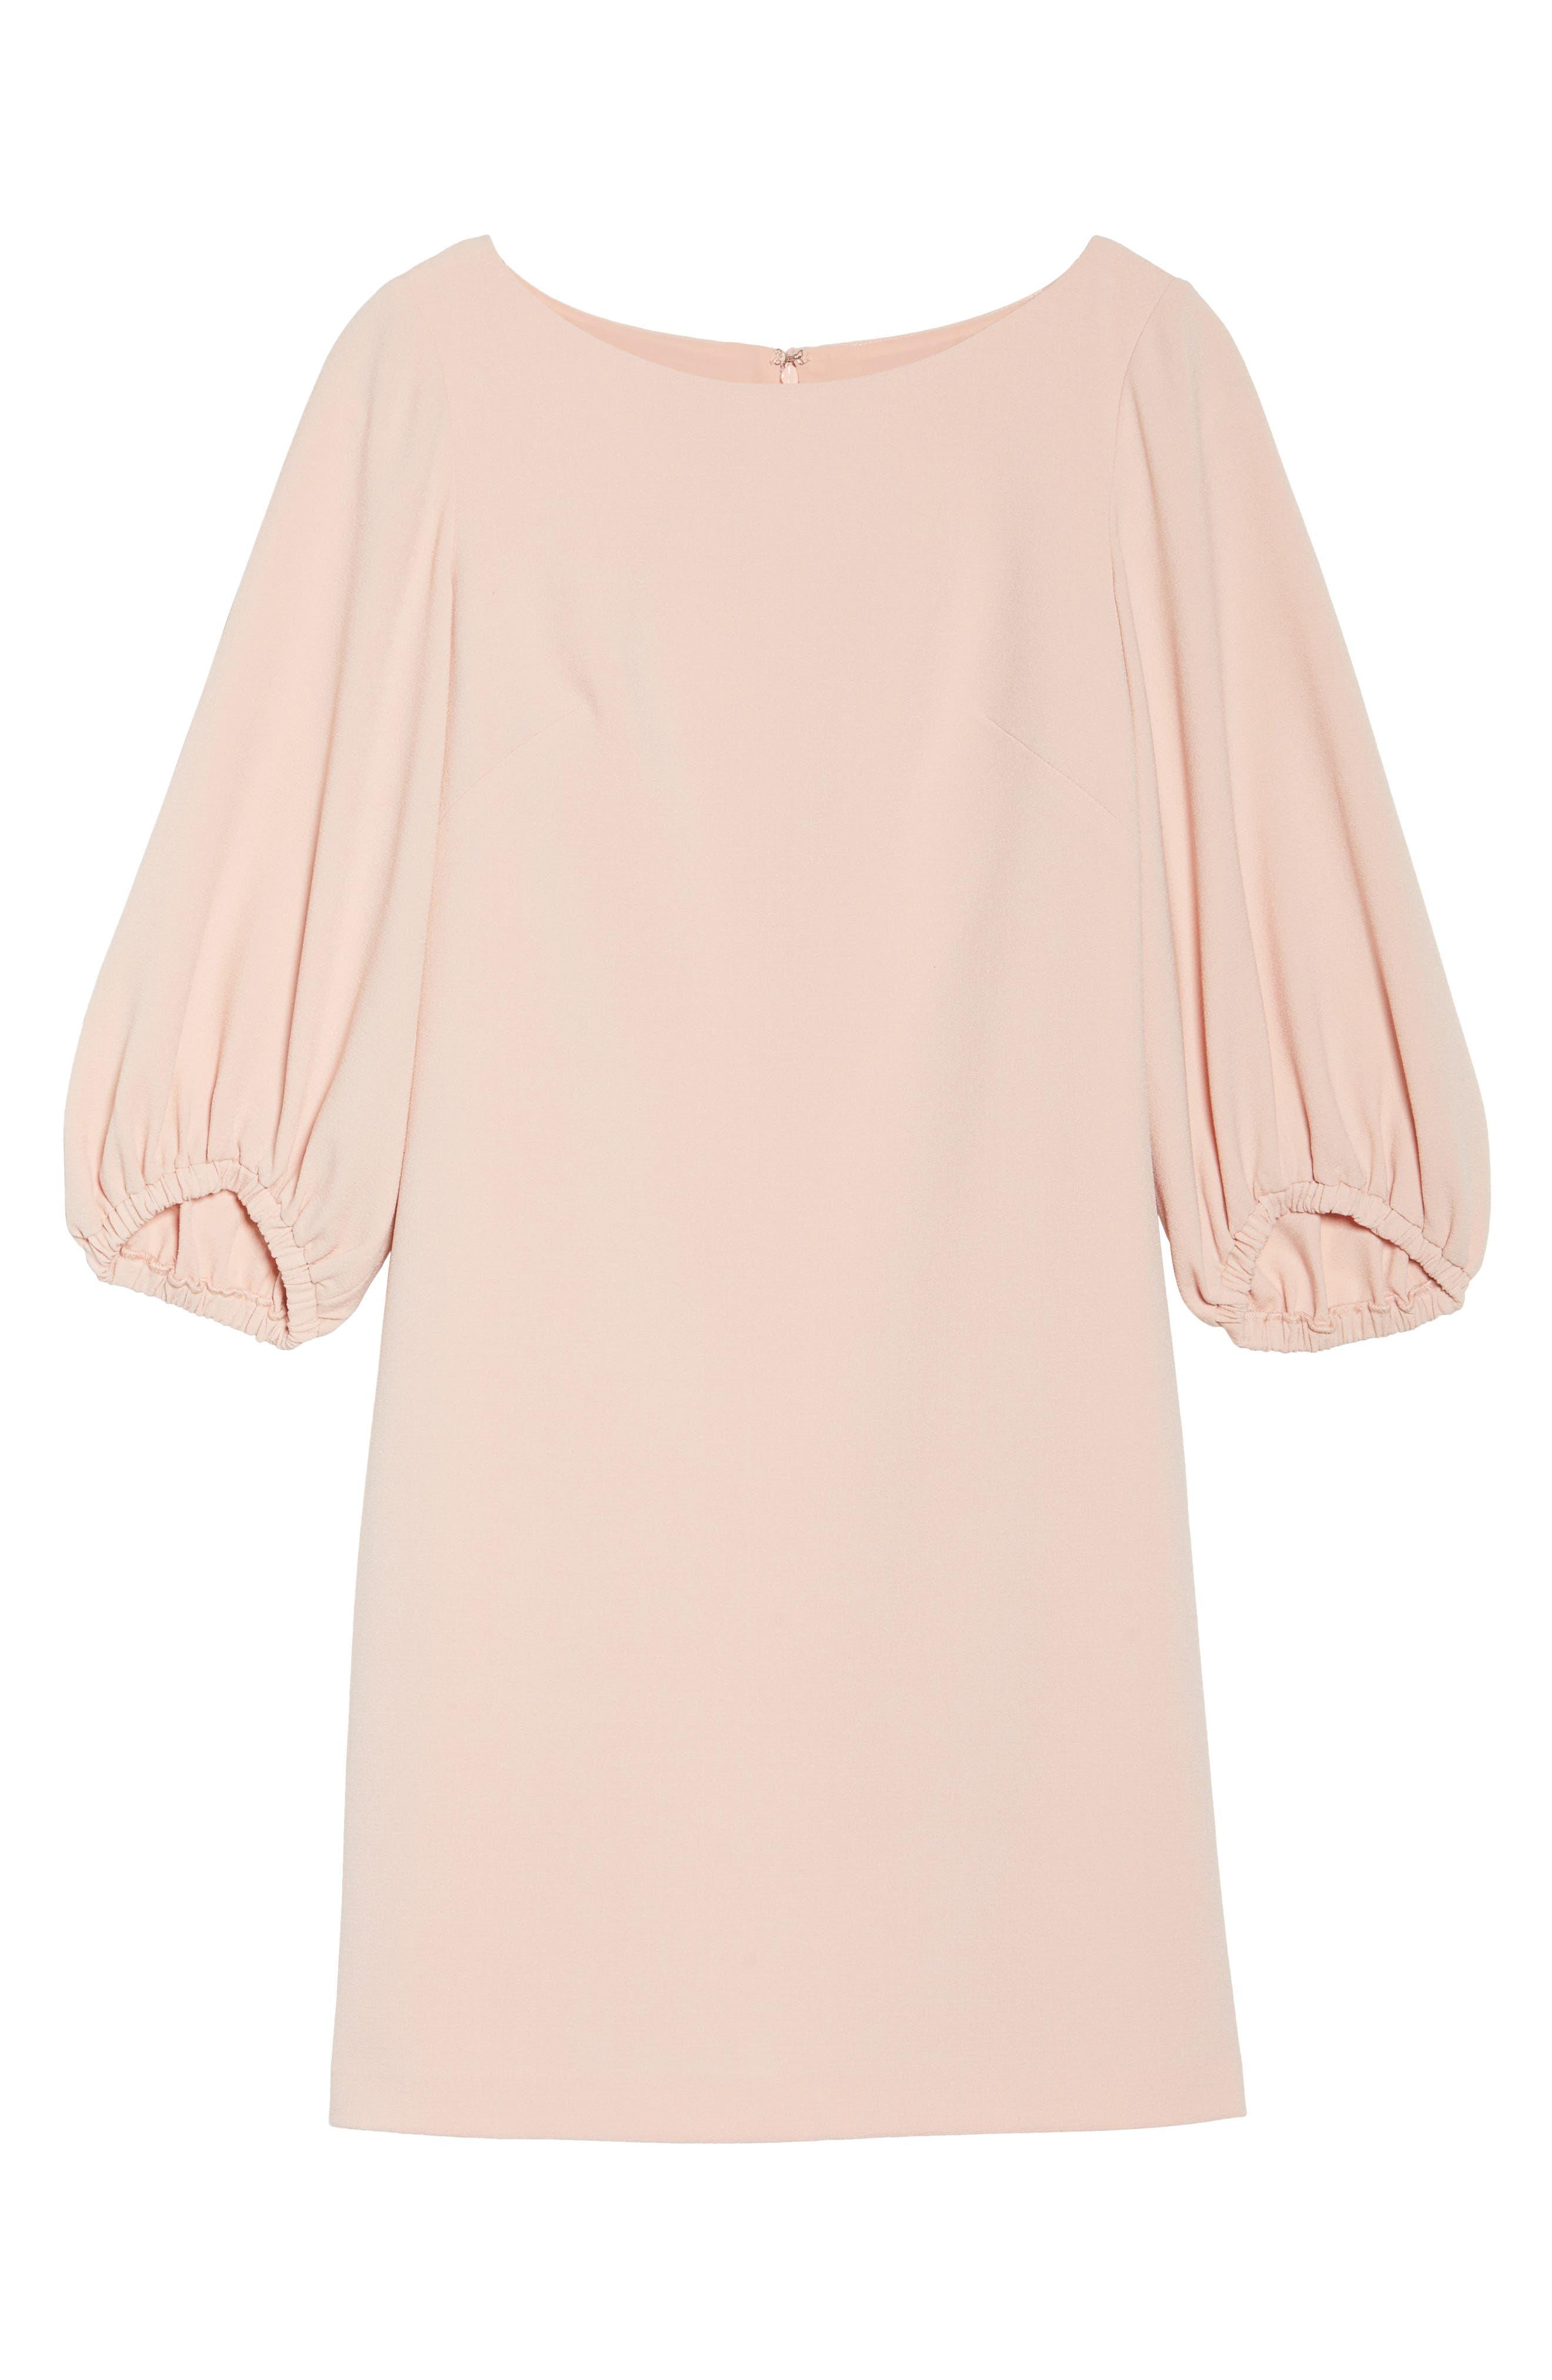 Bloused Sleeve Shift Dress,                             Alternate thumbnail 6, color,                             Blush